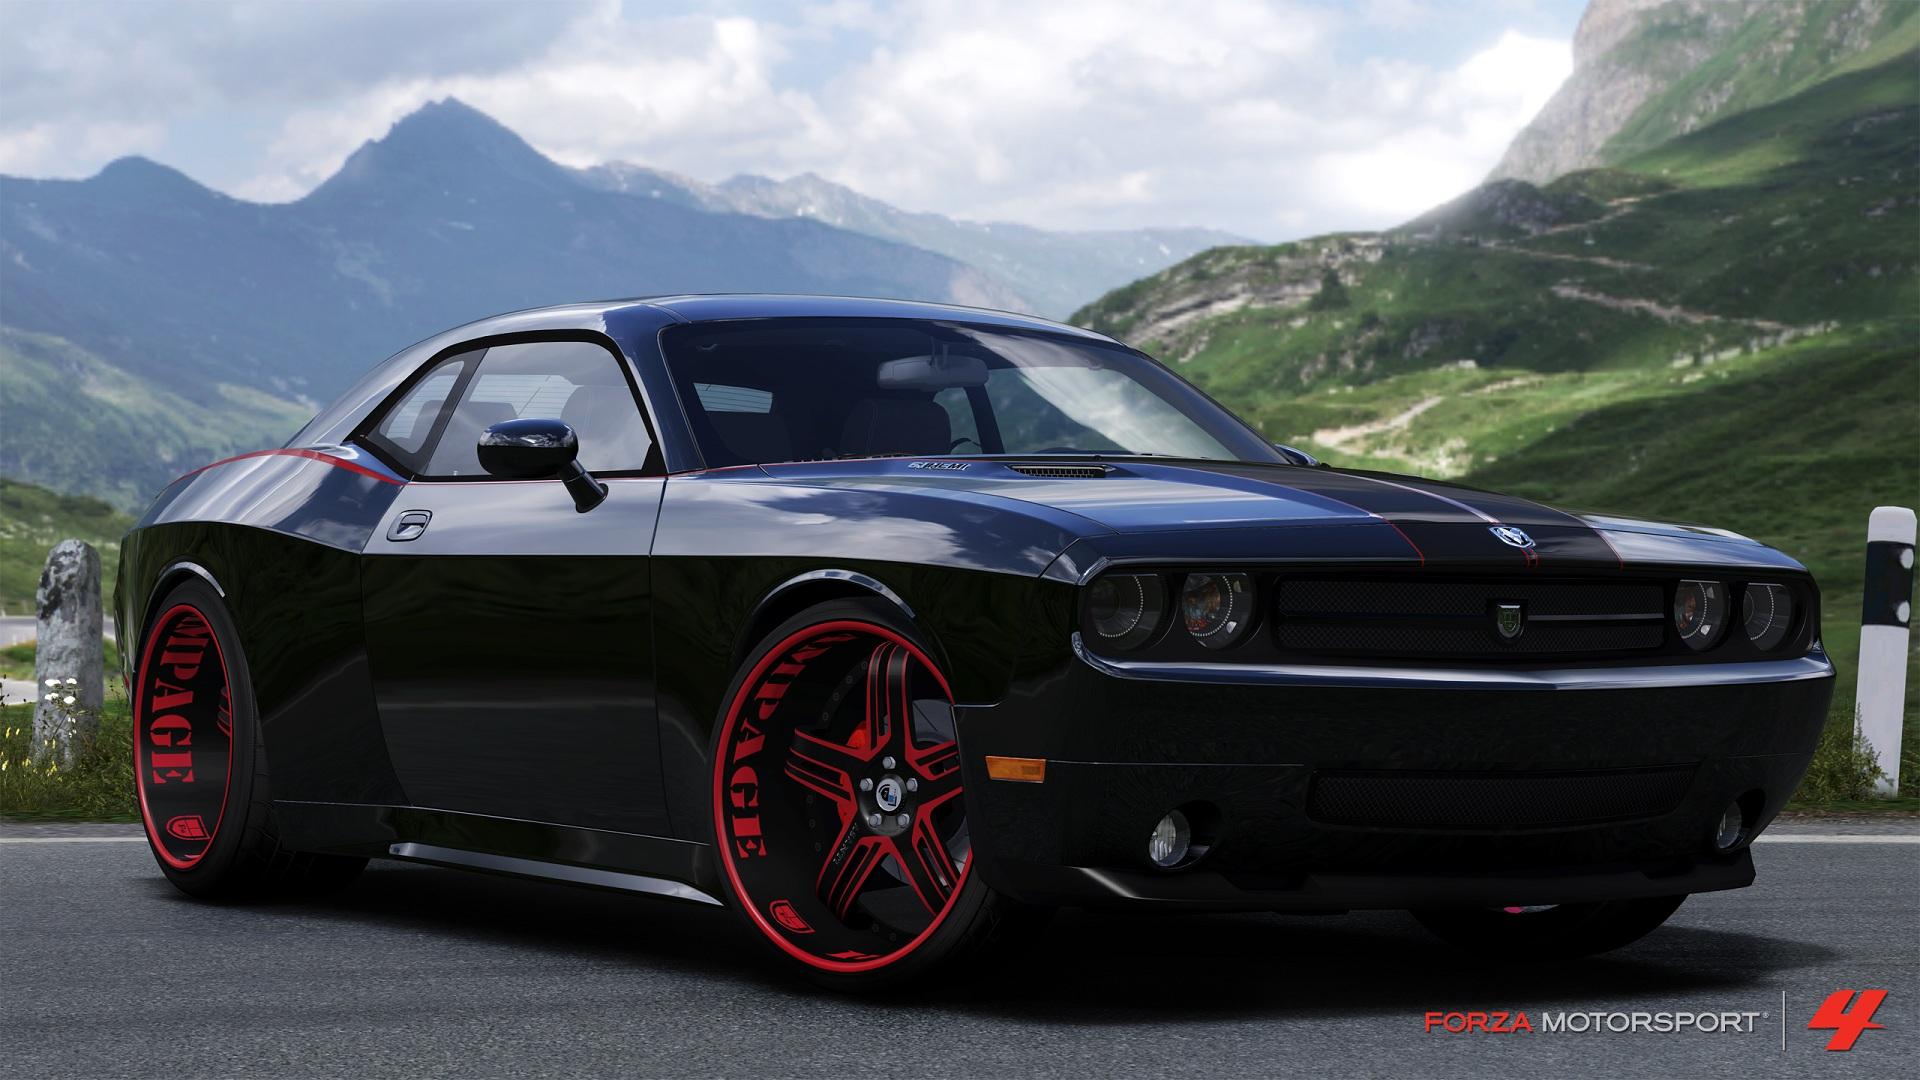 Black Dodge Challenger SRT8 Wallpaper is a hi res Wallpaper 1920x1080